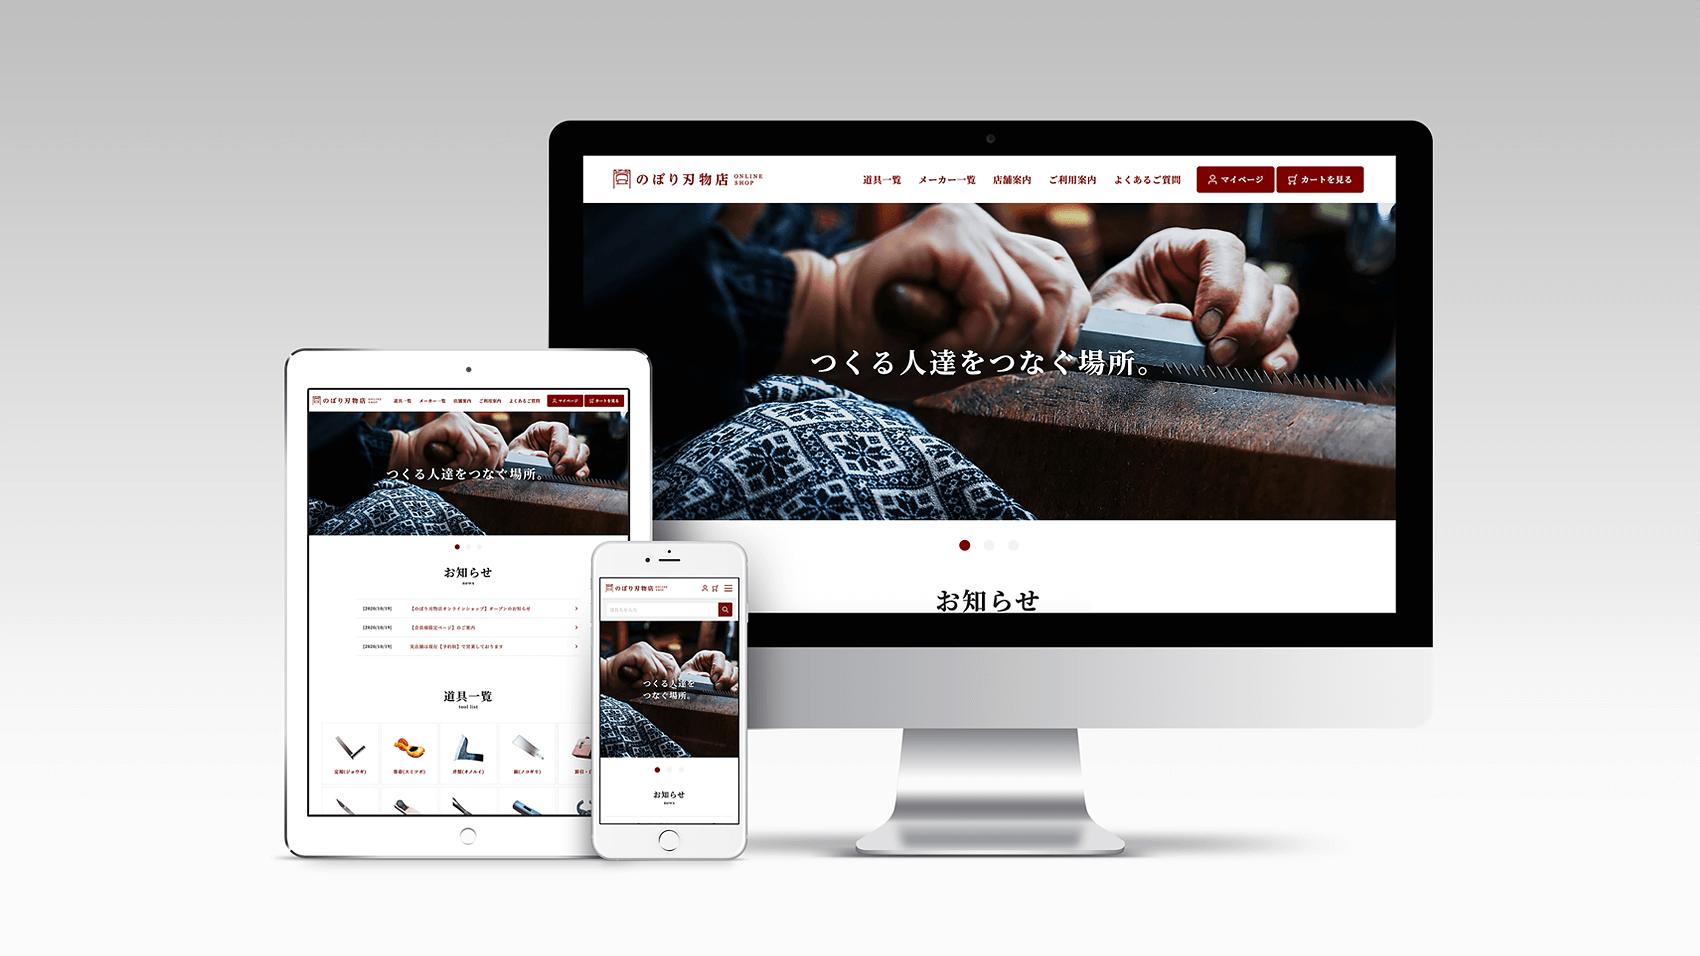 のぼり刃物店オンラインショップ